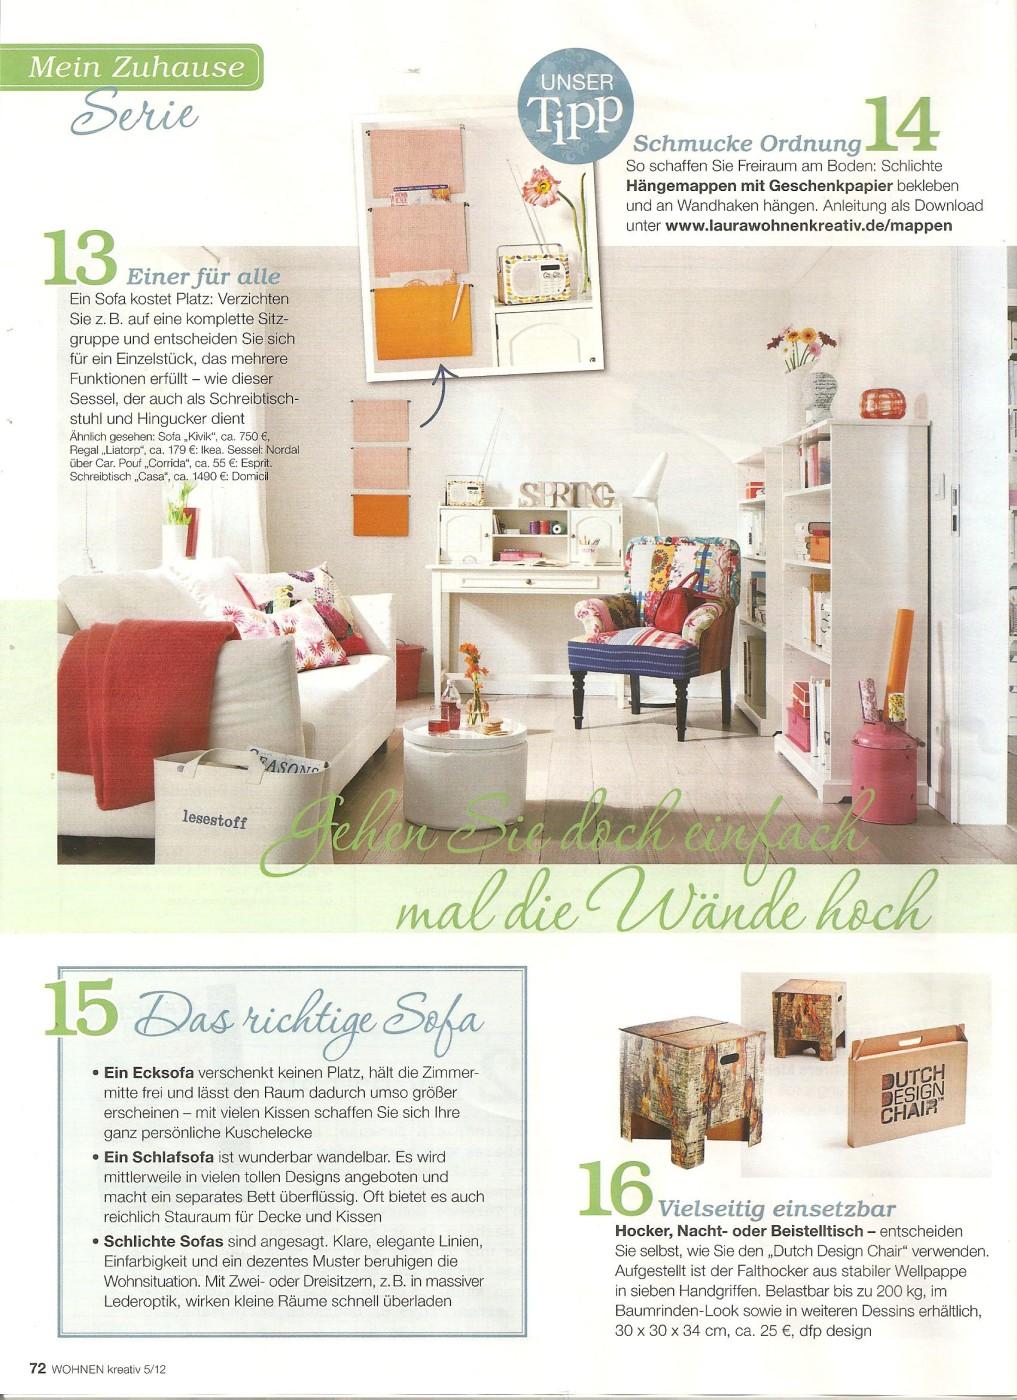 In the press – Dutch Design Chair – Dutch Design Brand – Red Dot Award